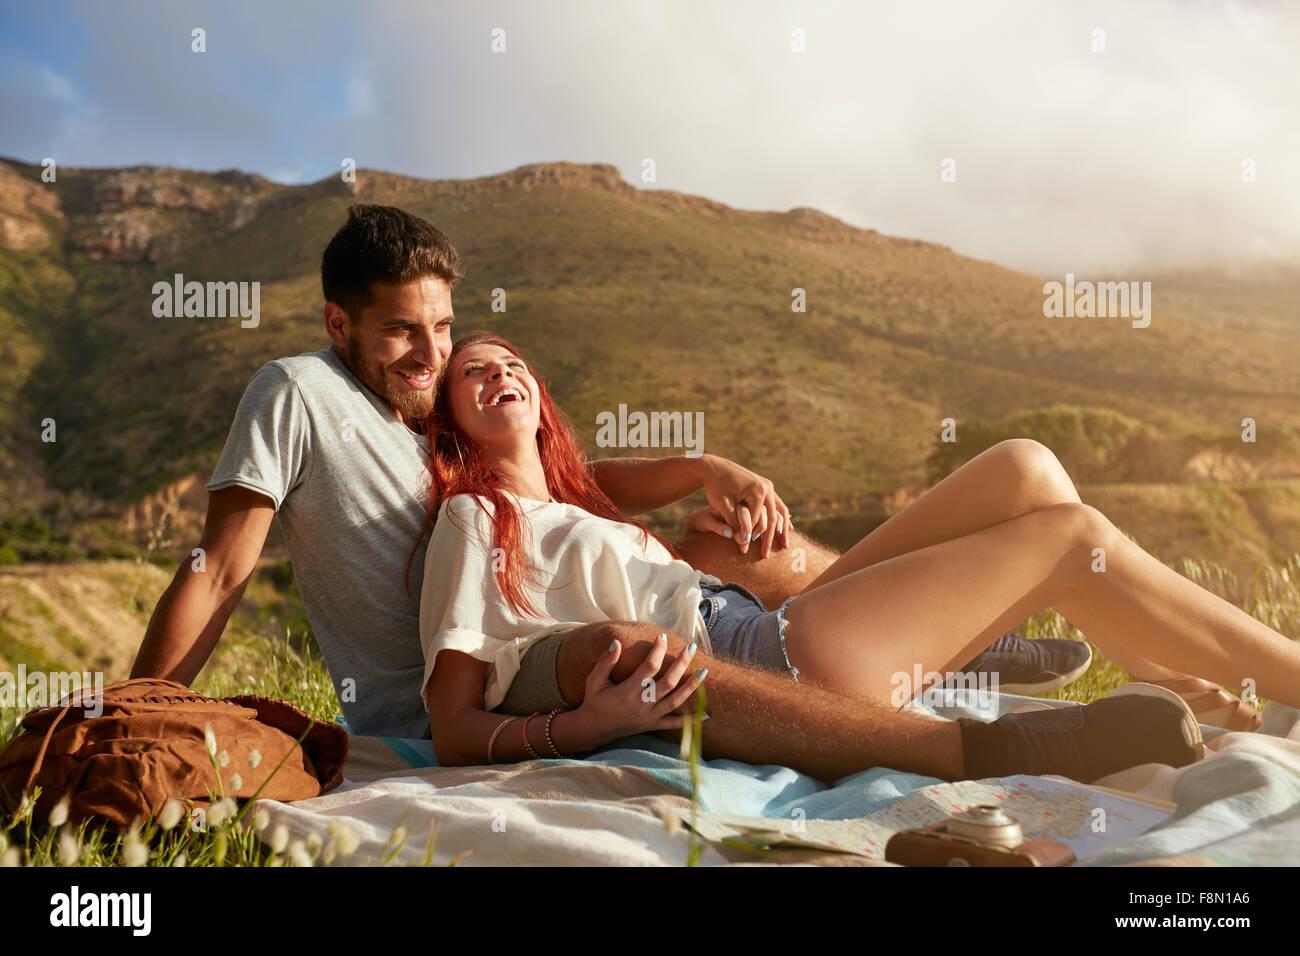 Ritratto di un carino coppia giovane seduti insieme e sorridente. Giovane uomo e donna ion vacanza estiva. Godendo Immagini Stock